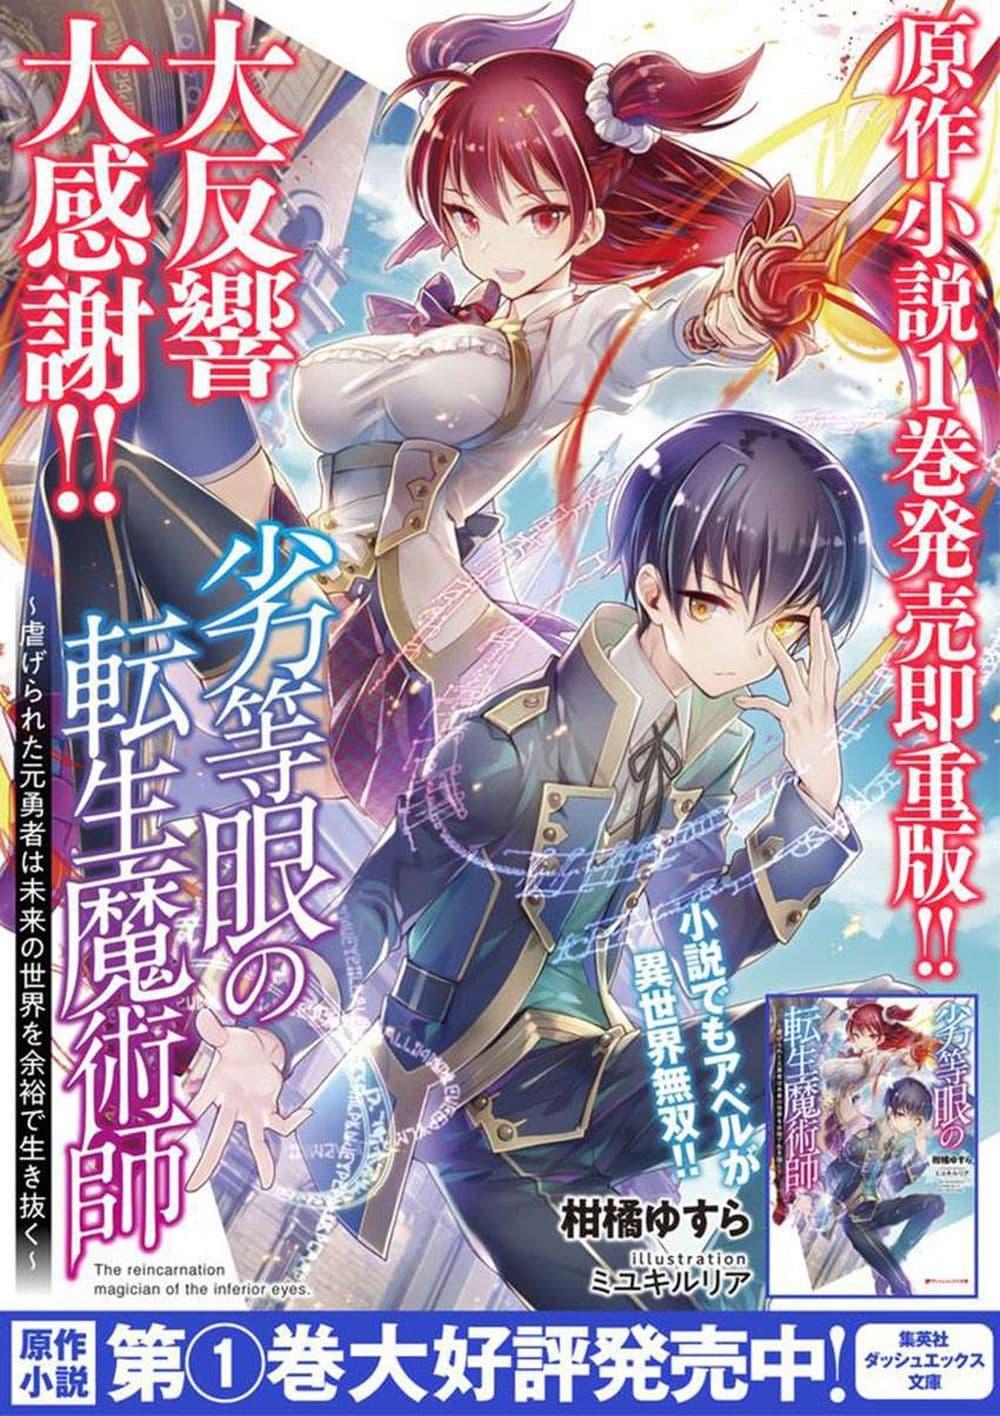 อ่านการ์ตูน Rettou Me no Tensei Majutsushi Shiitage Rareta Moto Yuusha wa Mirai no Sekai o Yoyuu de Ikinuku ตอนที่ 9 หน้าที่ 1